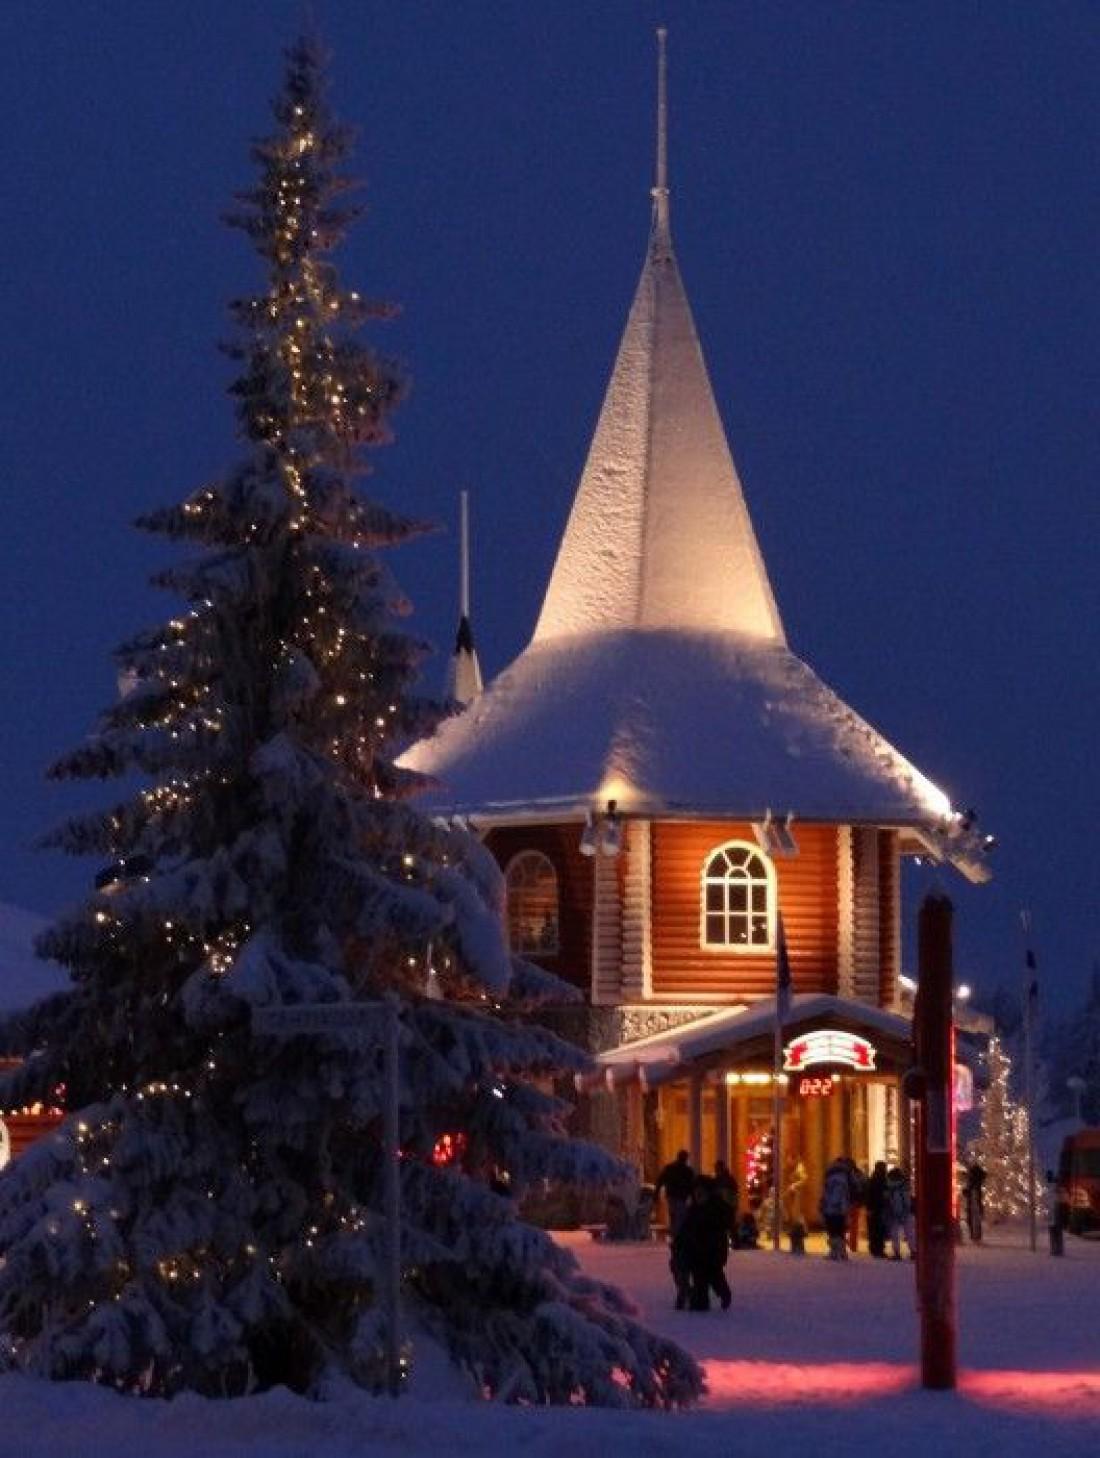 День святого Николая: Главные резиденции волшебника в Украине и мире